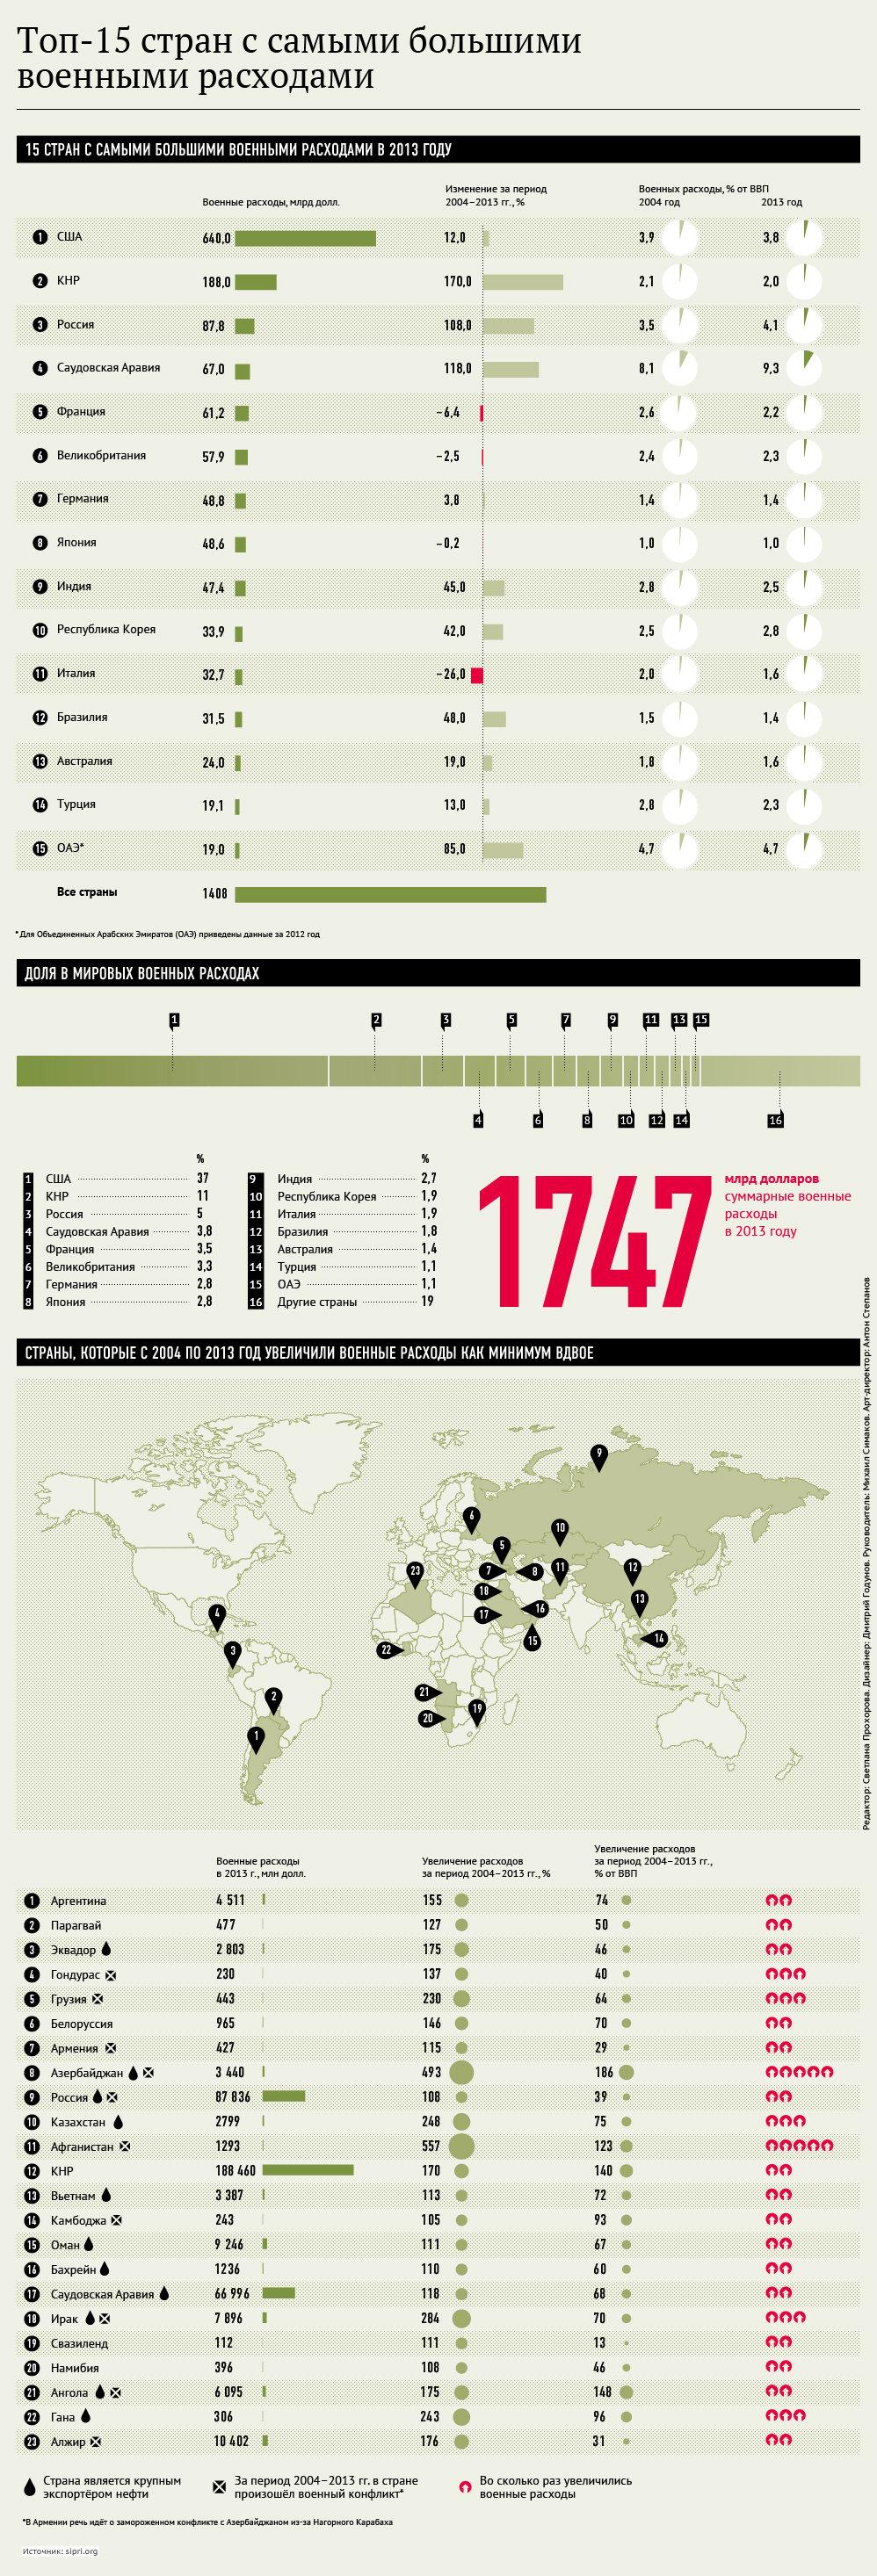 Феҳрасти 15 кишвари ҷаҳон, ки хароҷоти низомиашон зиёд аст. Тасвирбаён (Инфографика) - Sputnik Тоҷикистон